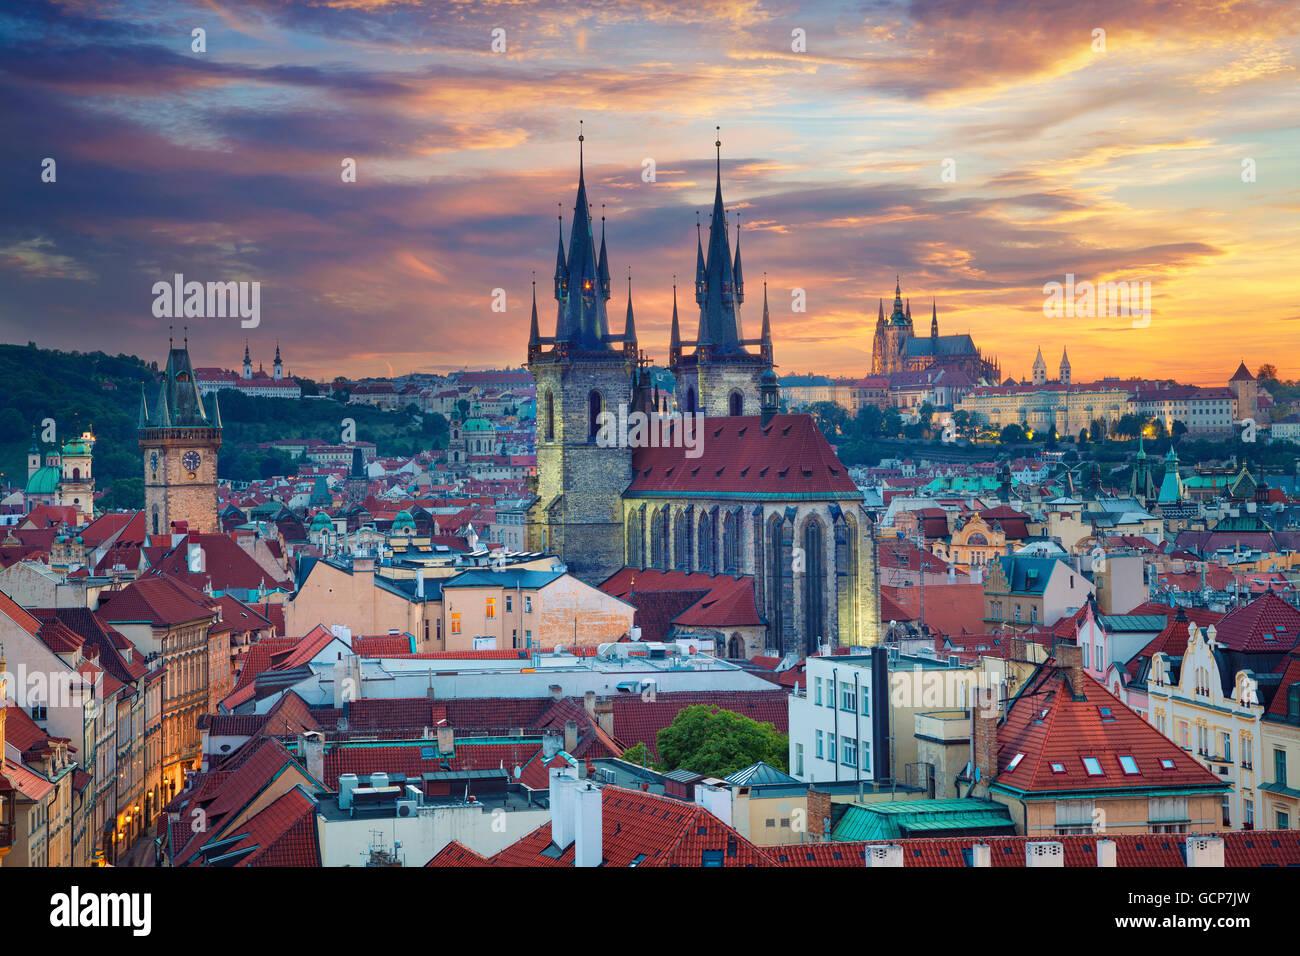 Prag. Bild von Prag, Hauptstadt Stadt der Tschechischen Republik, während der dramatischen Sonnenuntergang. Stockbild